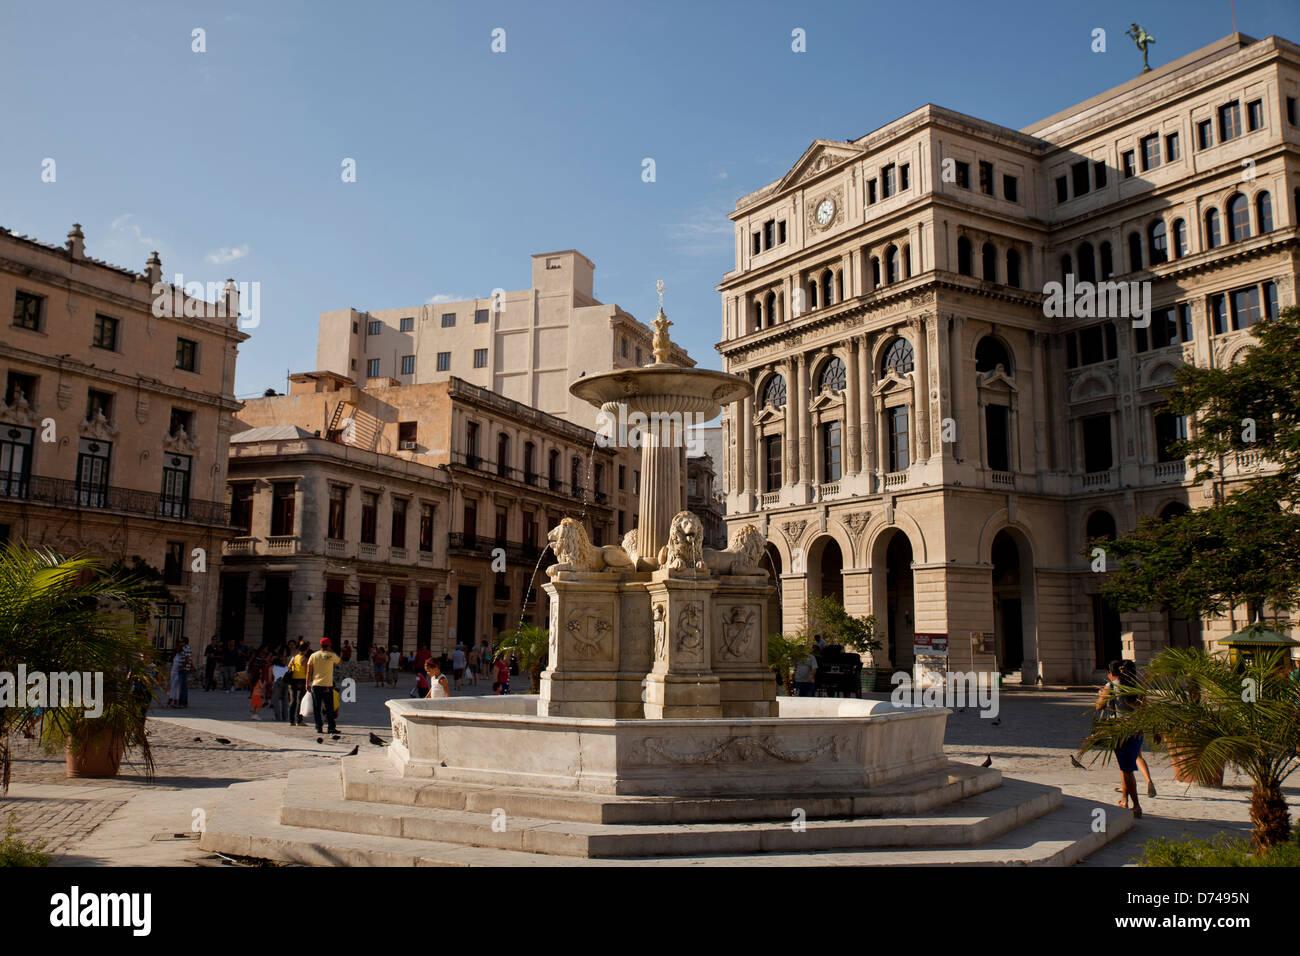 Lonja del Comercio in Havanna, Kuba, Karibik | Marmor Brunnen Fuente de Los Leones und Havanna-Börse / Lonja Stockbild